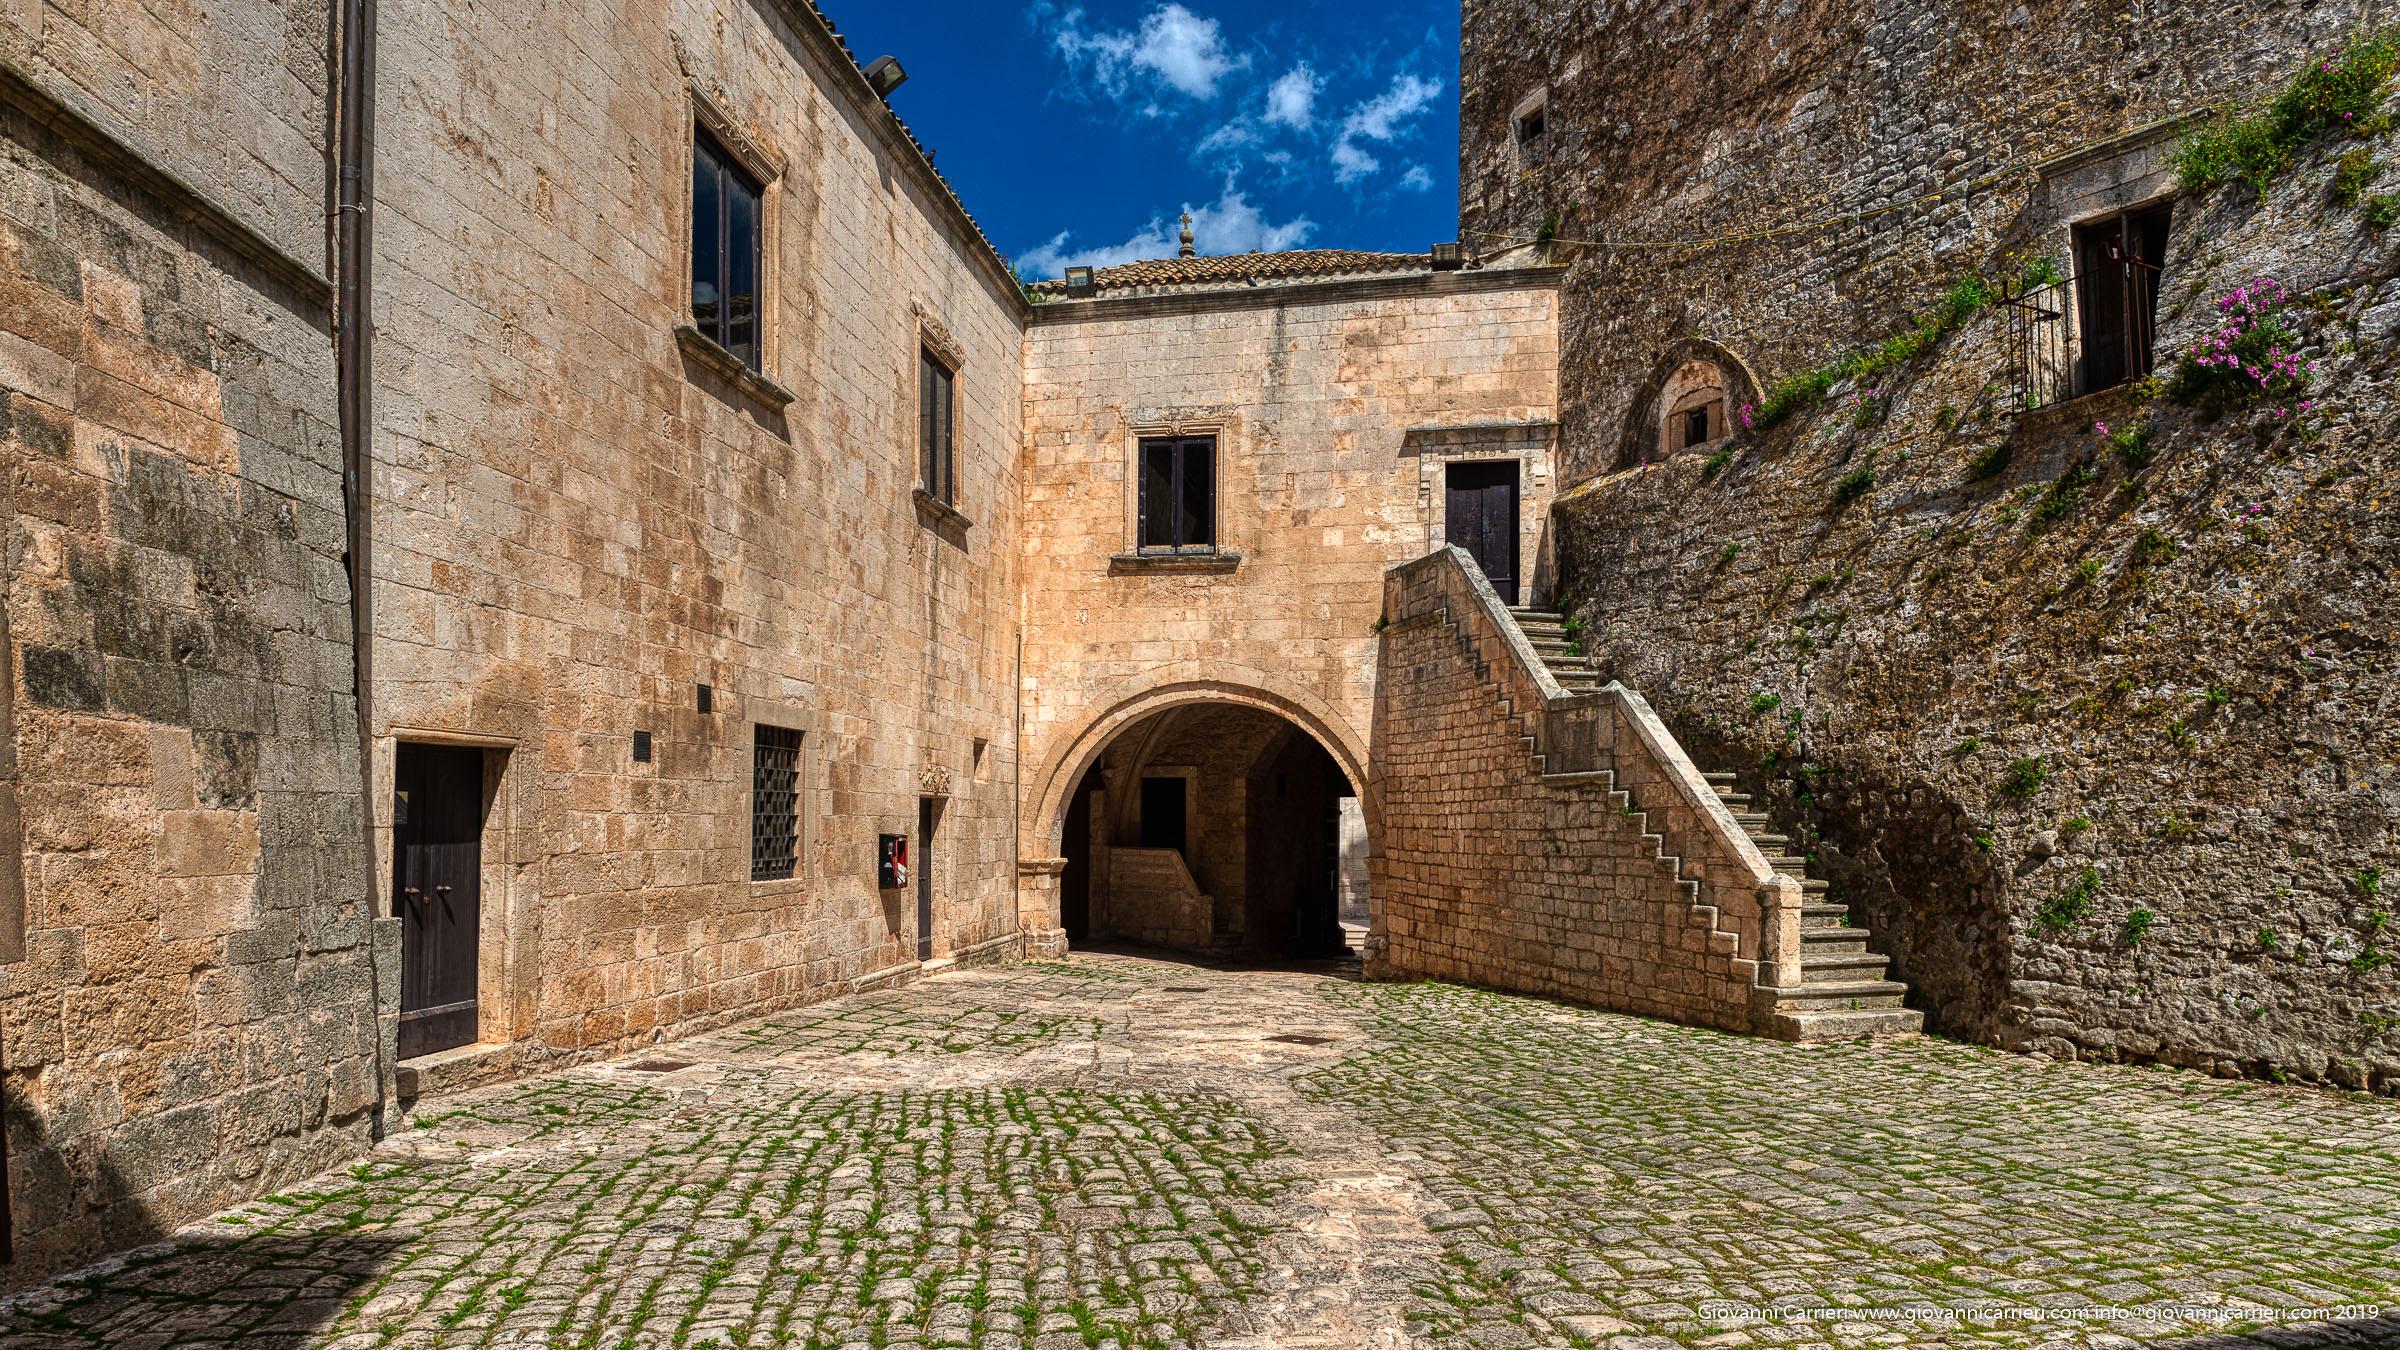 L'atrio del Castello Ducale di Ceglie Messapica